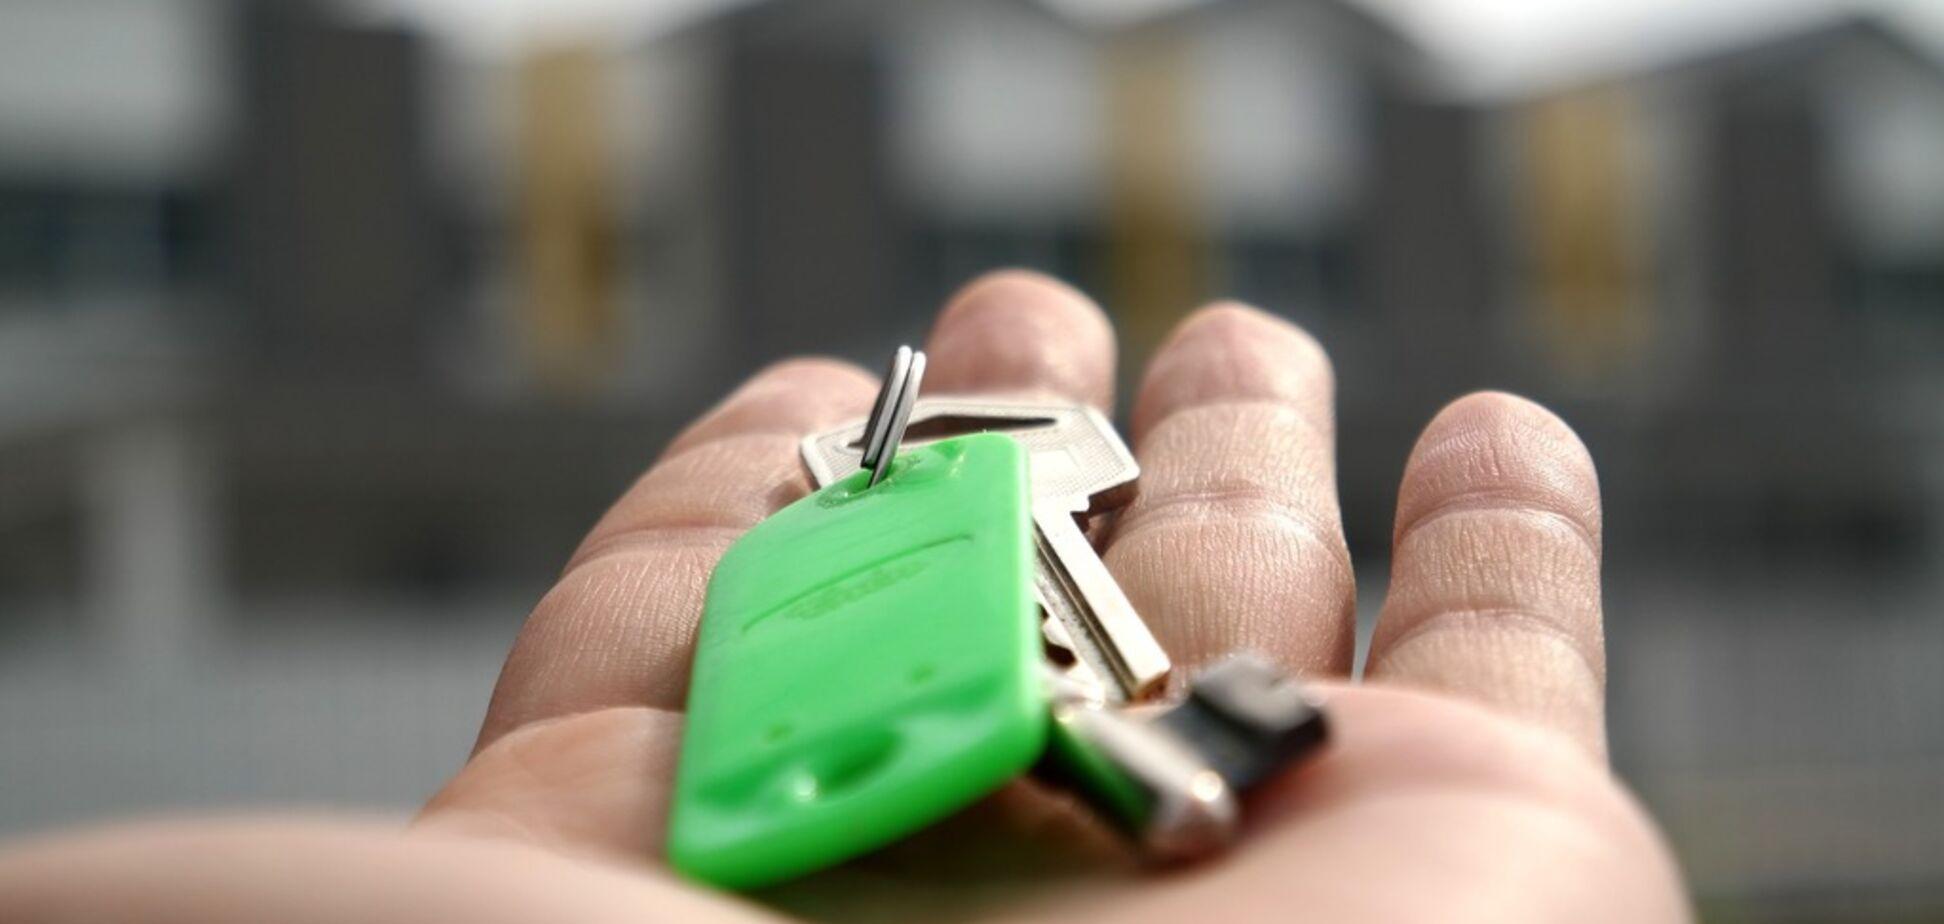 З'ясувалися нюанси стосовно запуску приватизації житла в гуртожитках